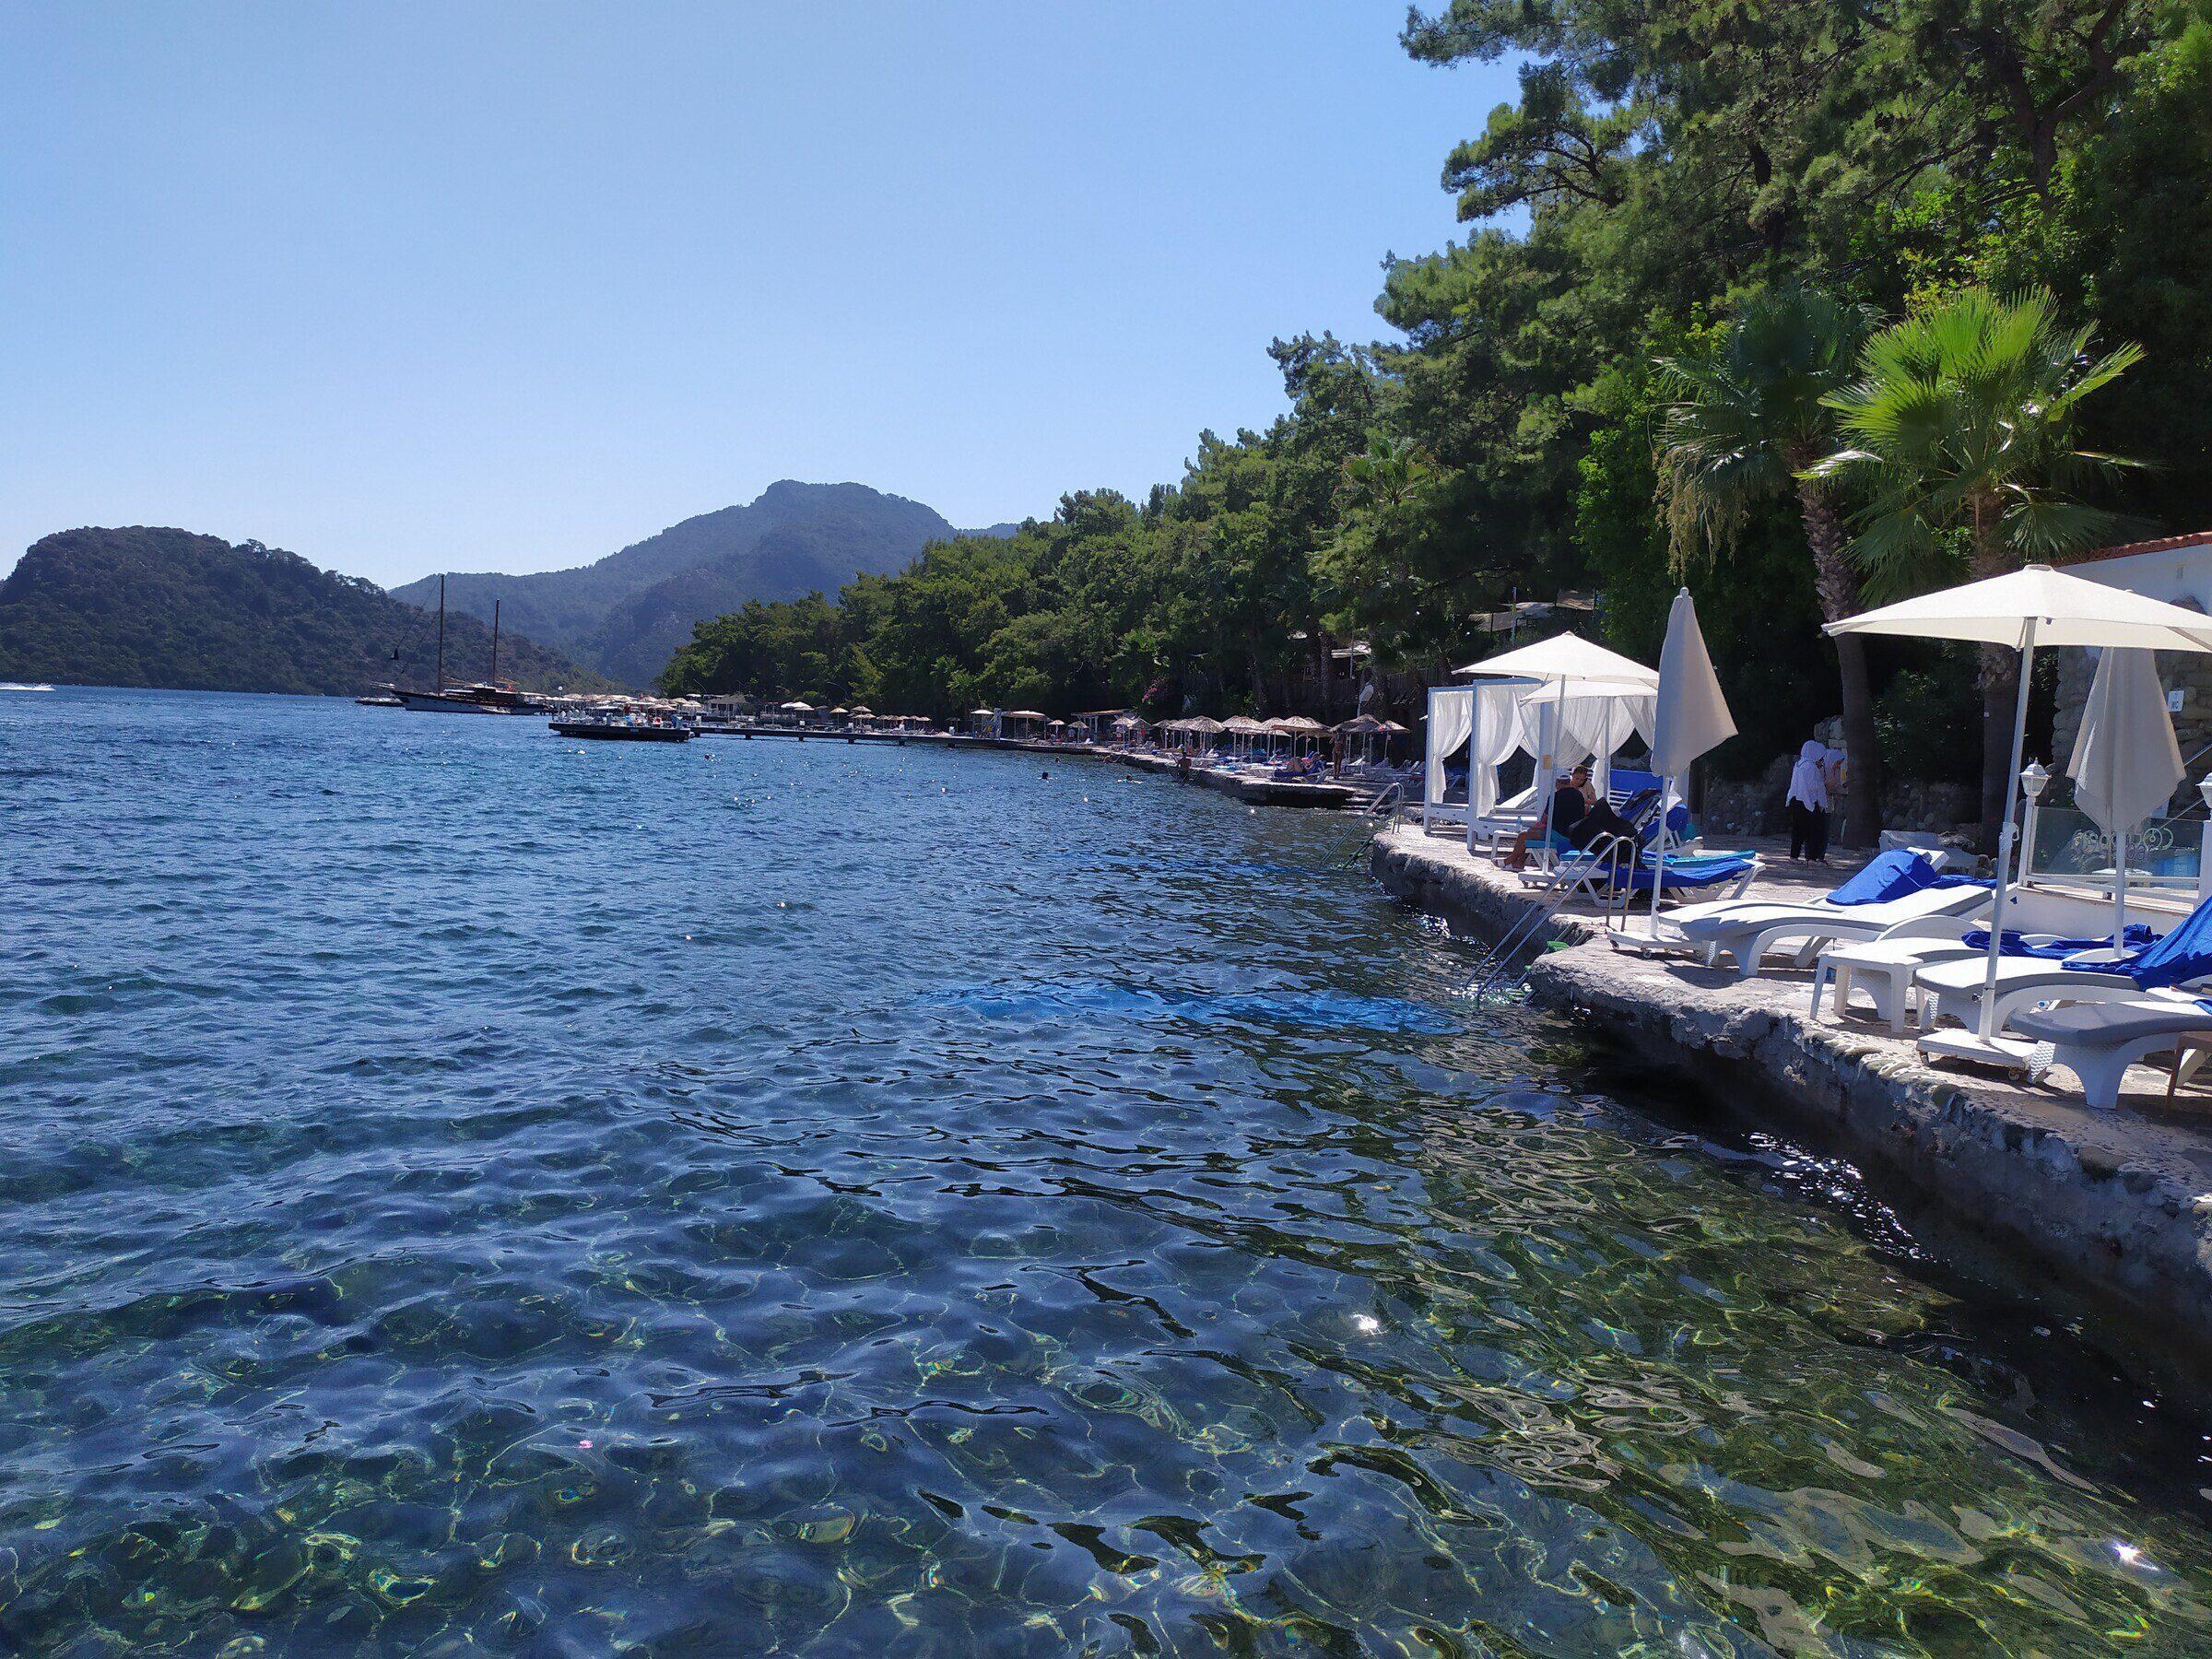 Icon Beach gkz;